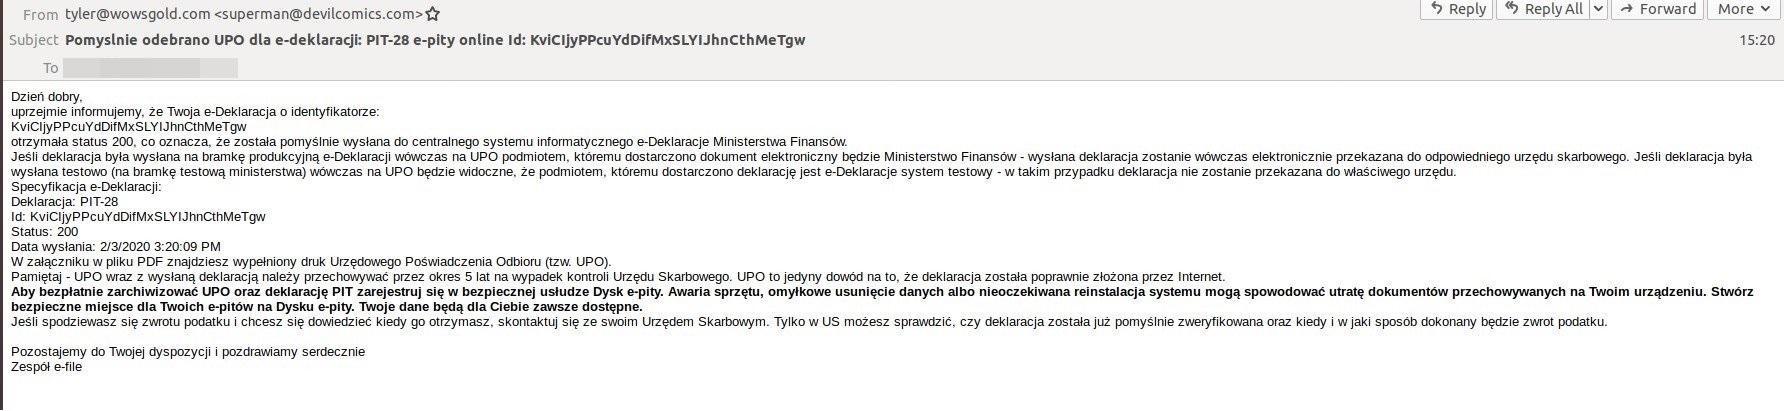 Deklaracje PIT to ostatnio ulubiony temat oszustów internetowych w Polsce 19